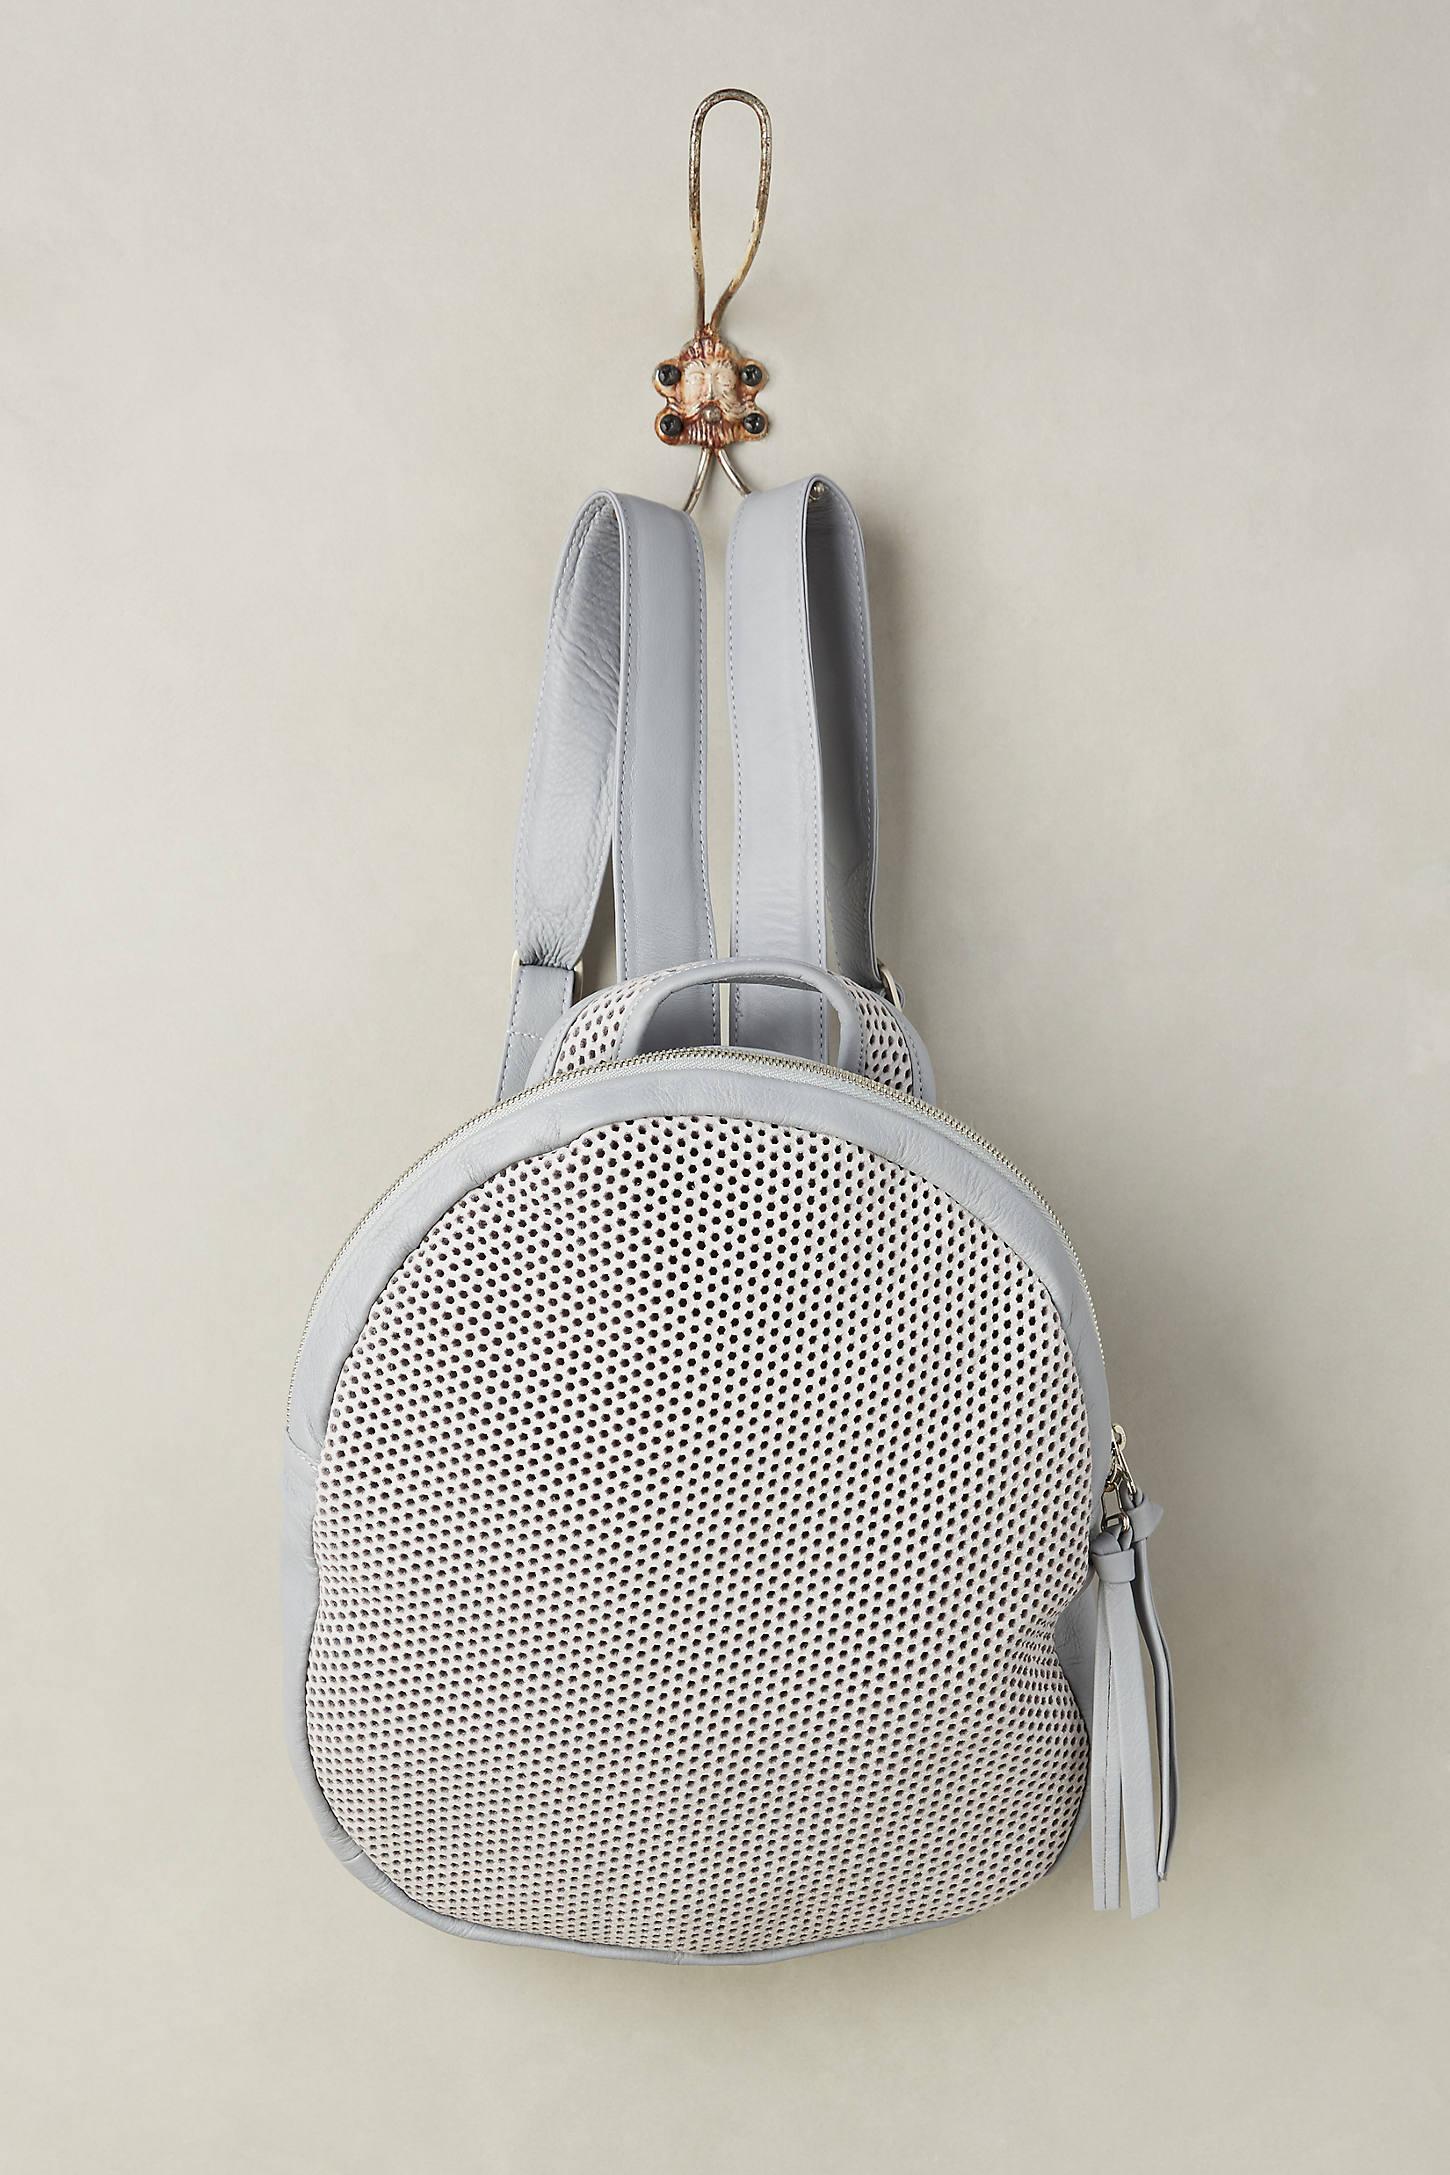 Mesh Tasseled Backpack